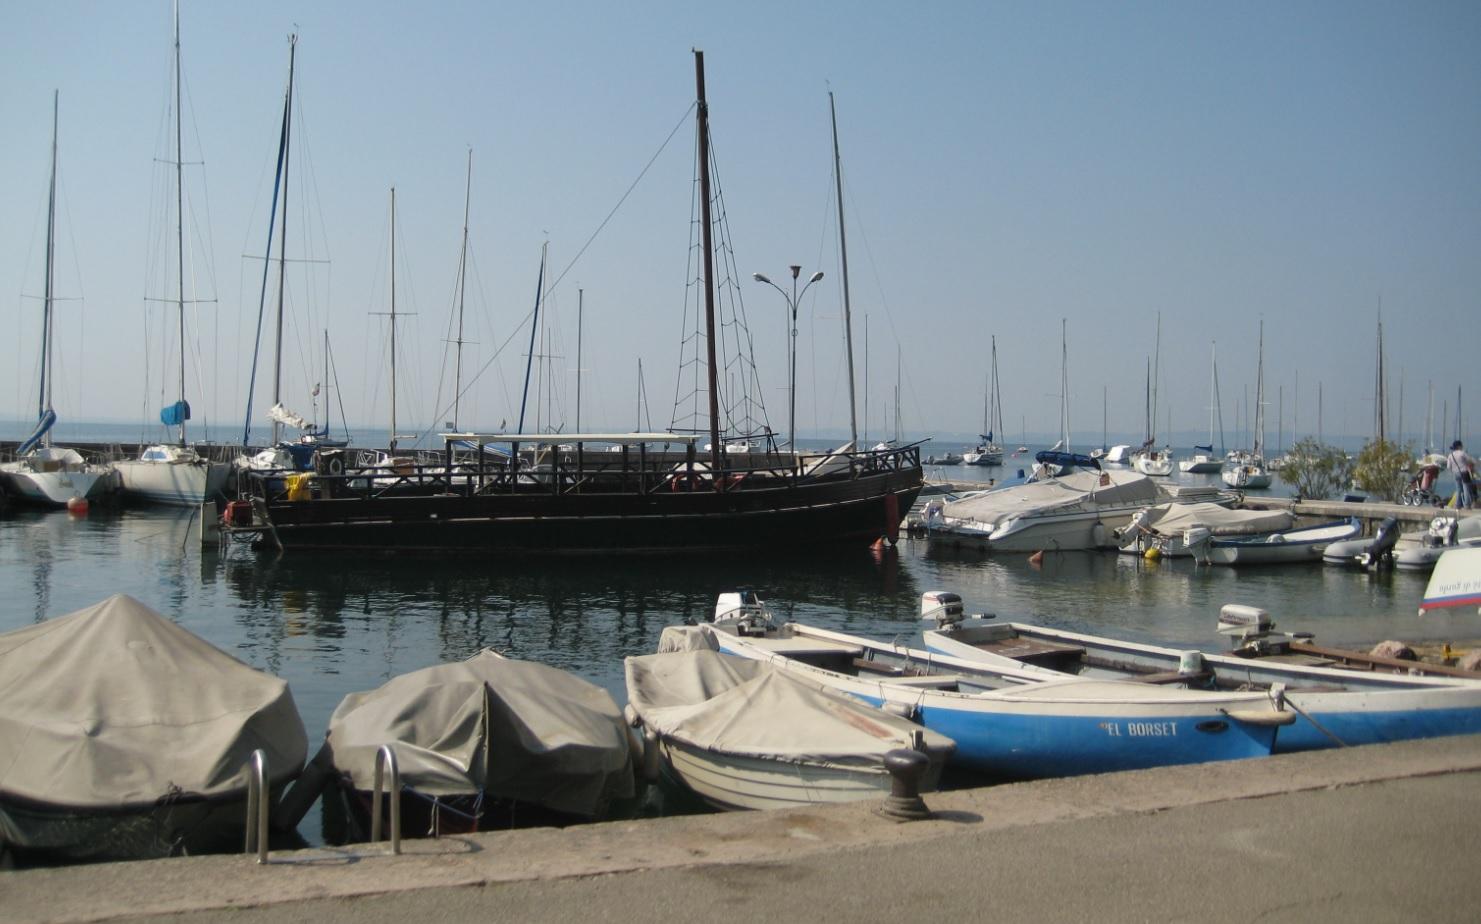 Hafen am Lago di Garda in Italia